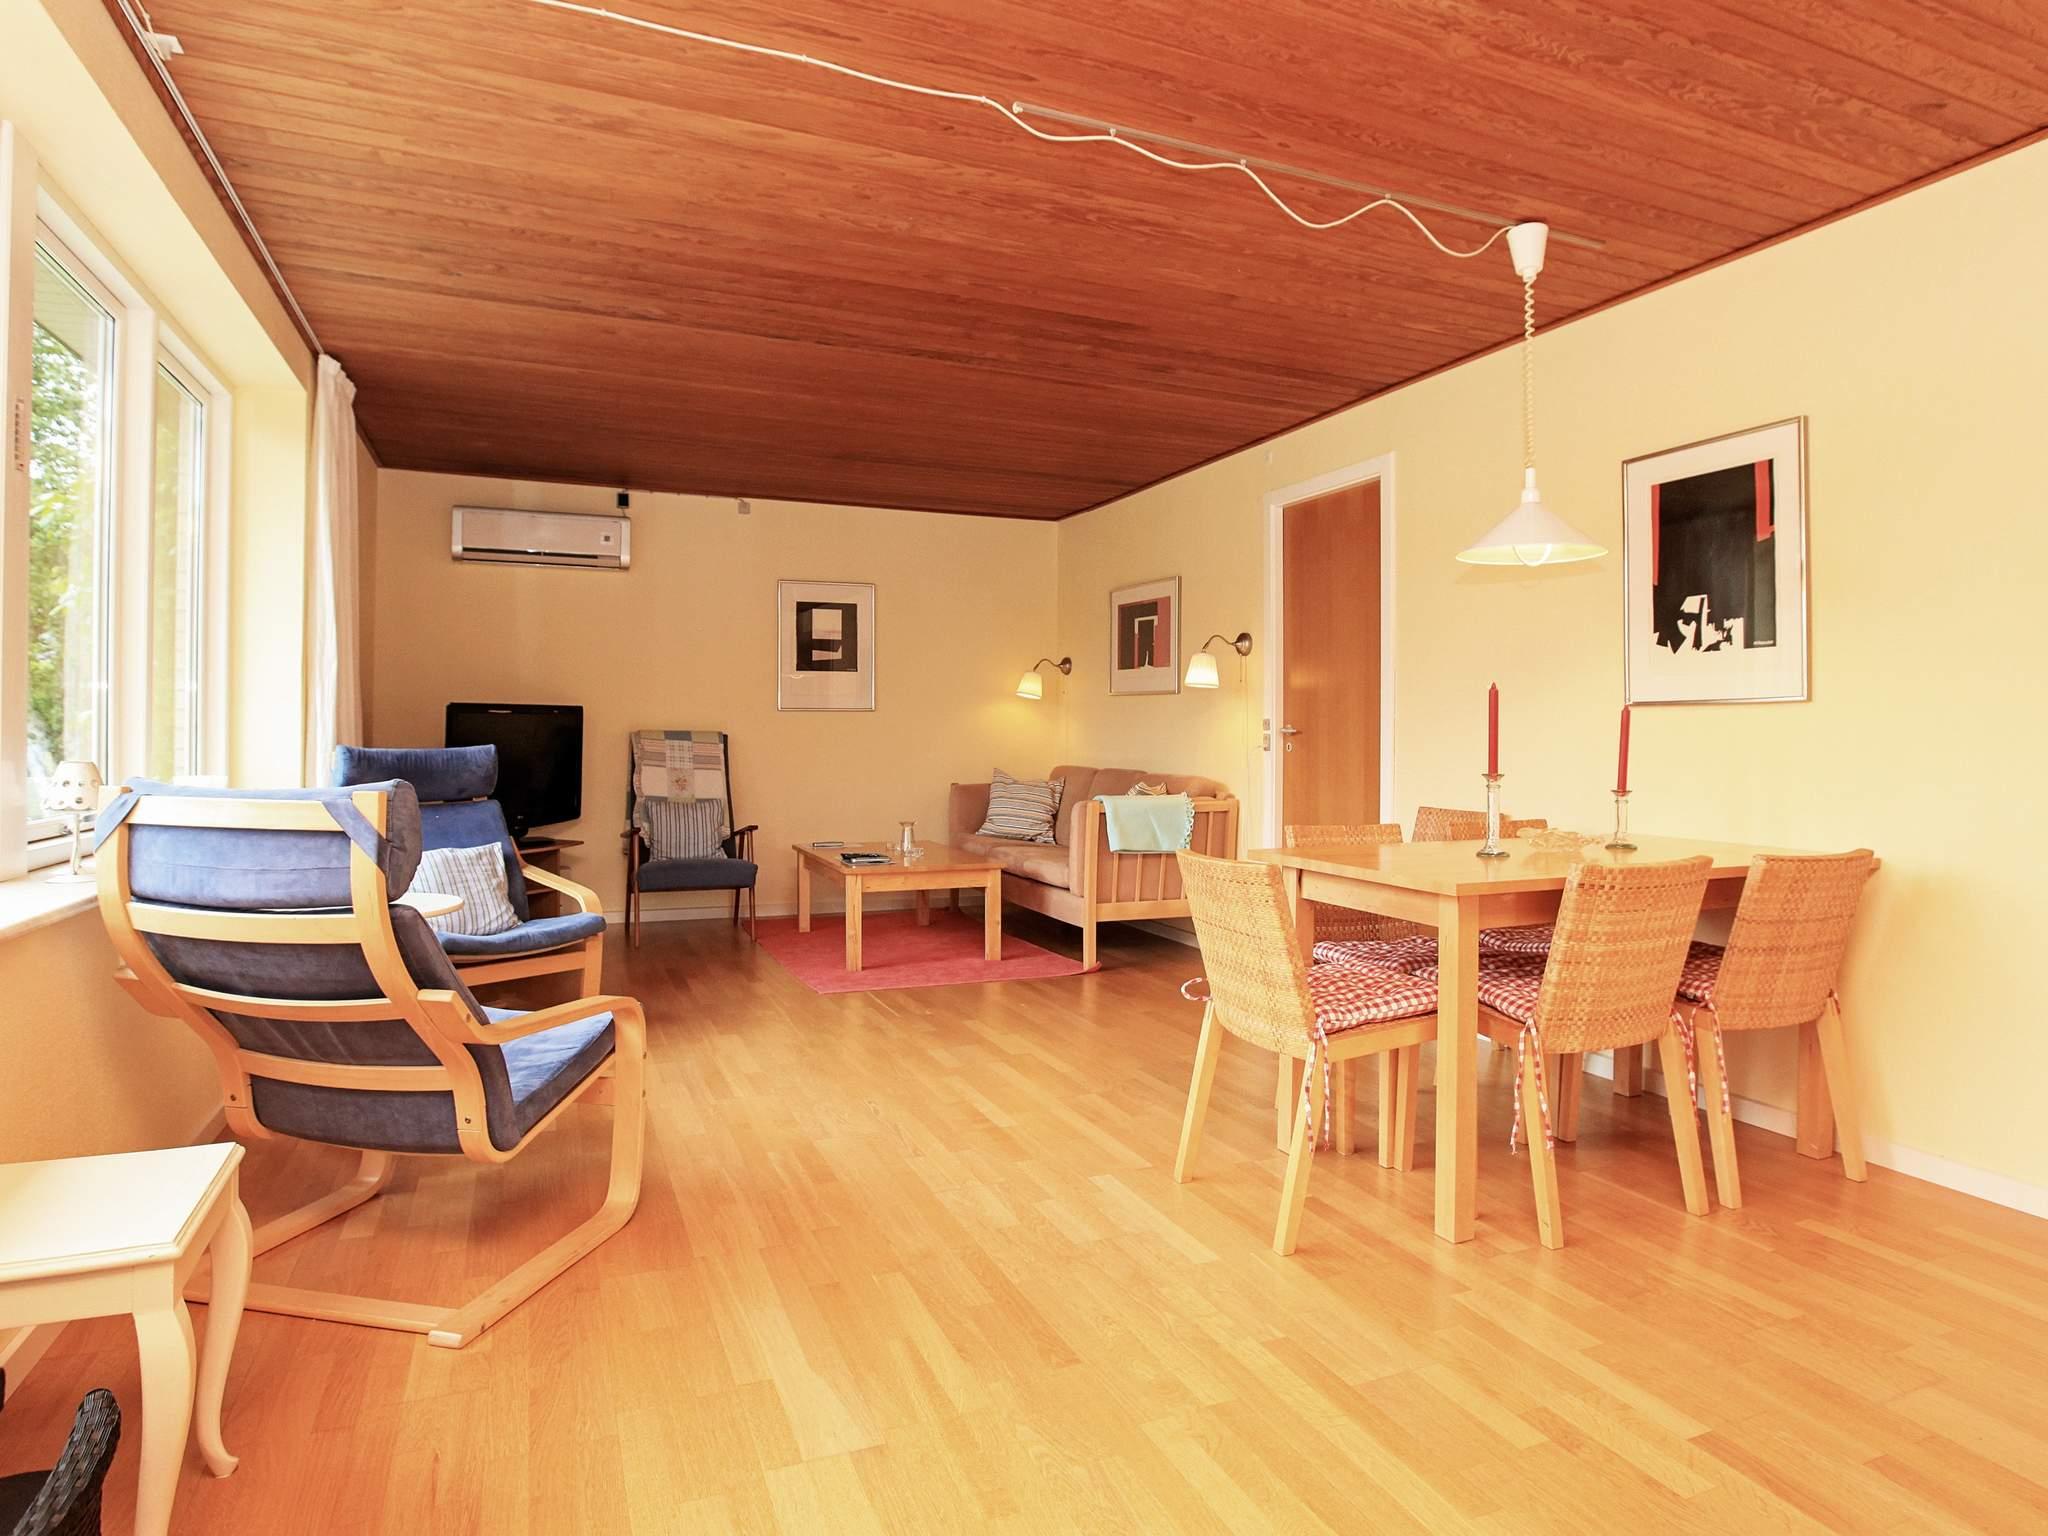 Ferienhaus Hummingen (125876), Hummingen, , Lolland, Dänemark, Bild 4